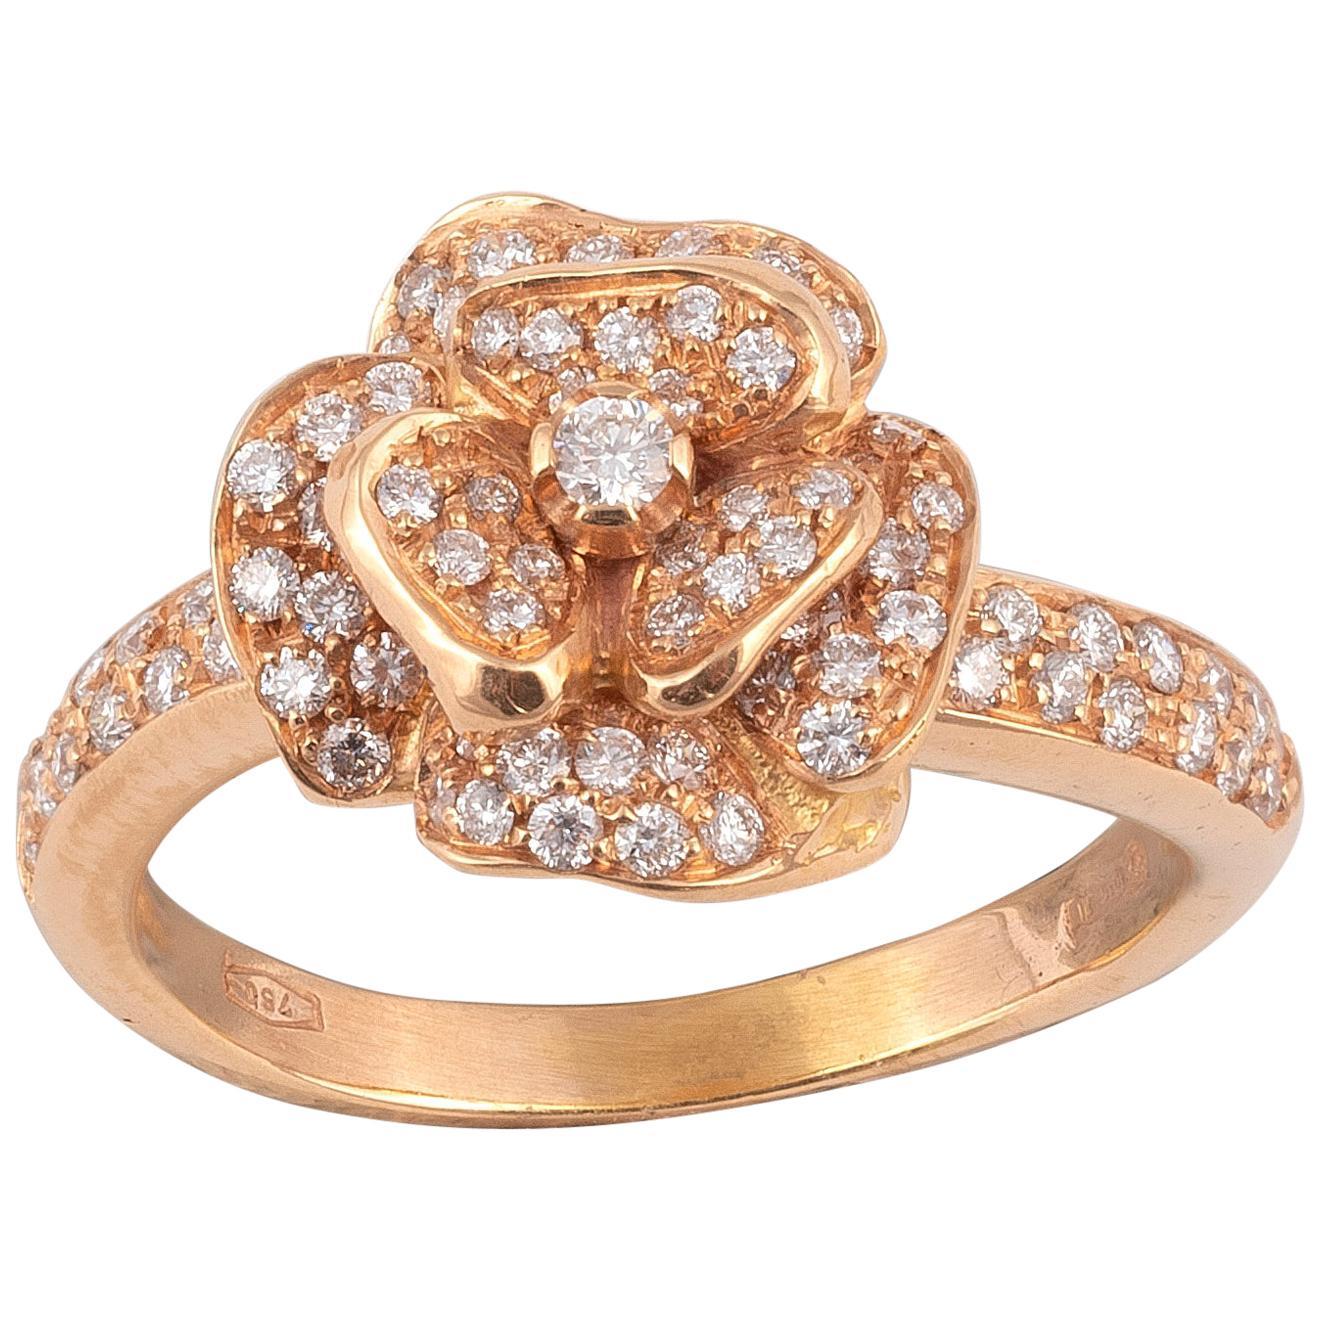 18 Karat Rose Gold and Diamond Ring